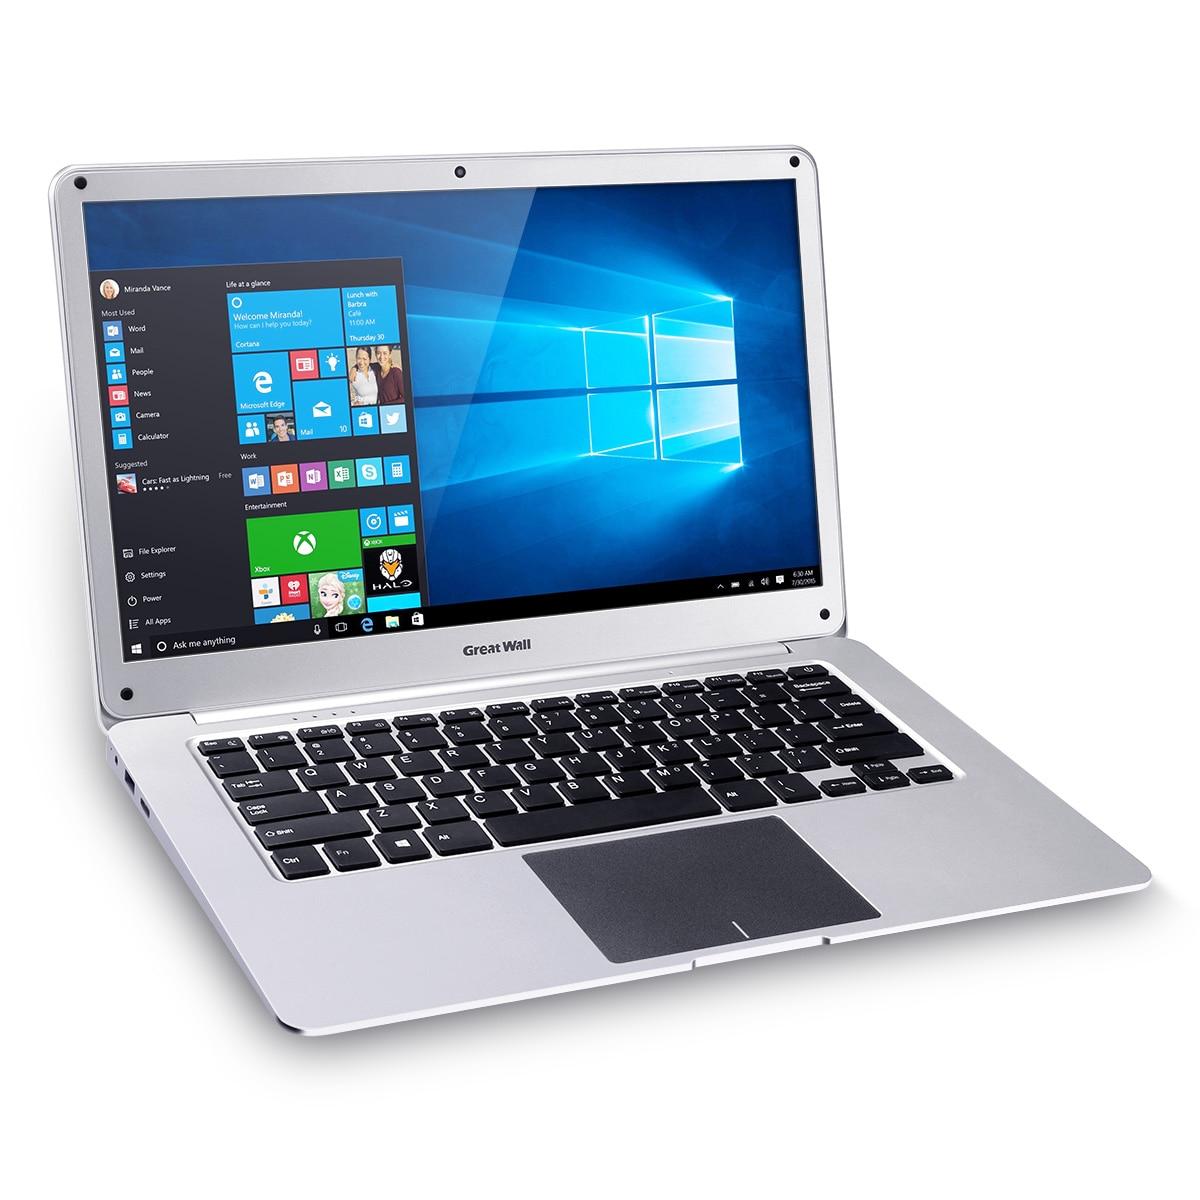 Great Wall 14inch Laptops Windows 10 Intel Celeron N3350 2.4GHz 4GB 64GB 37W Lon